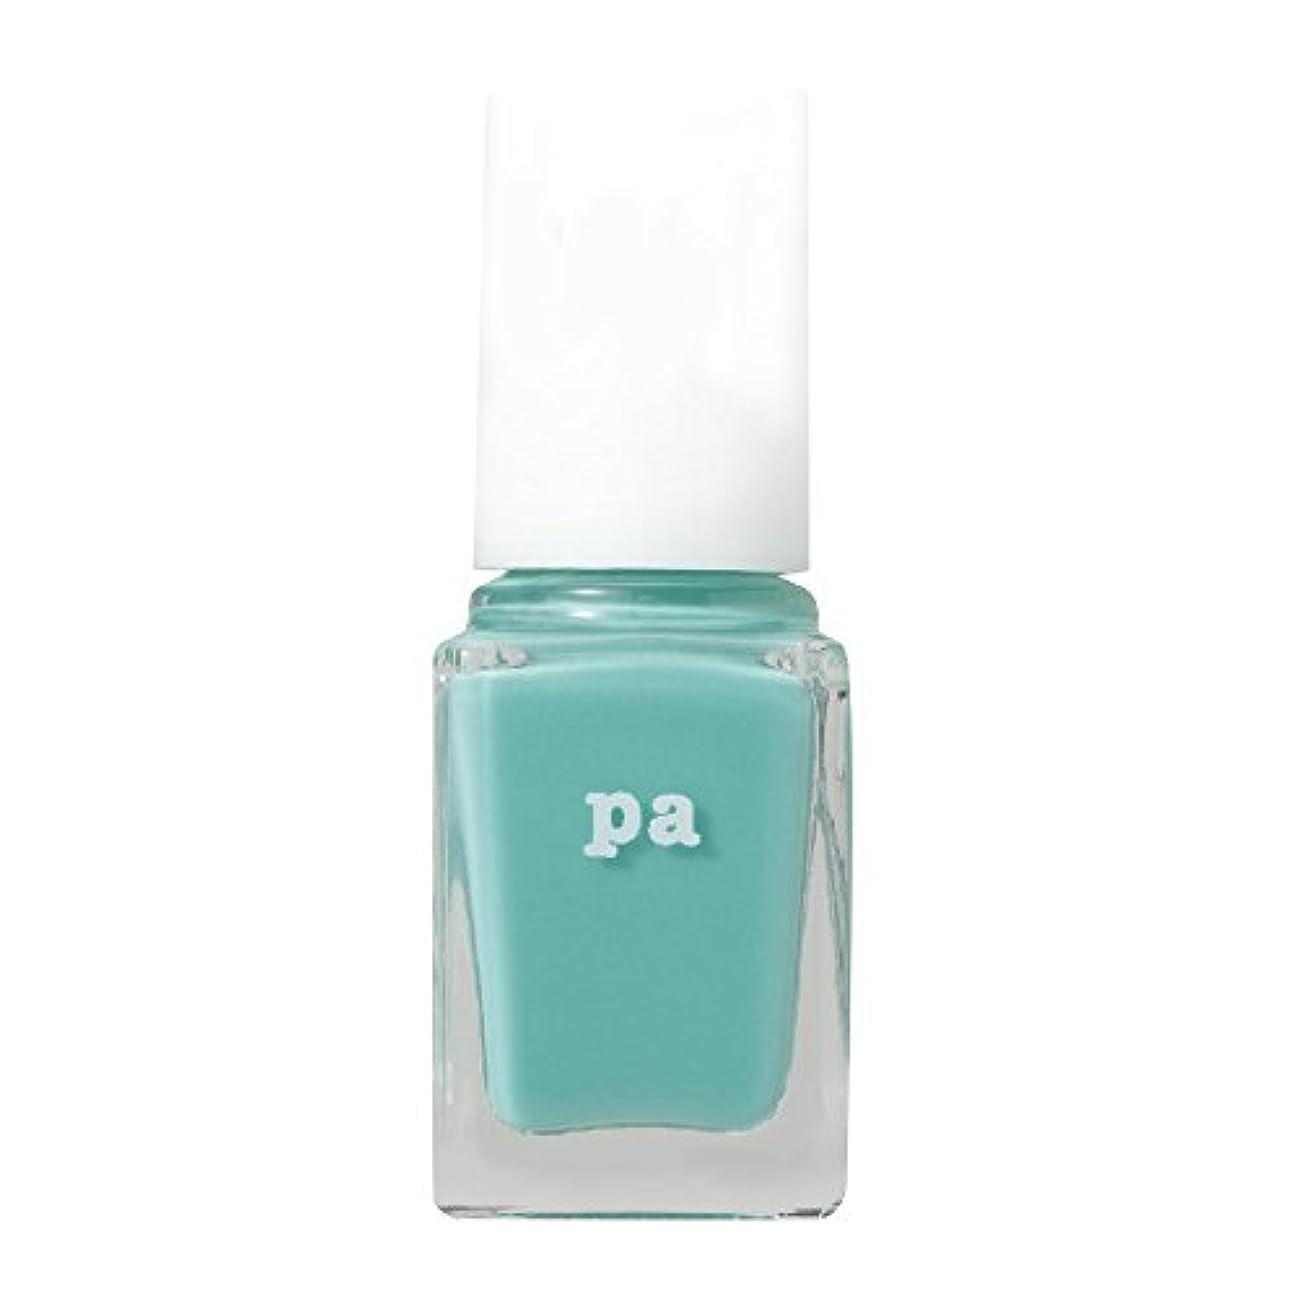 添加剤ルネッサンスシミュレートするpa ネイルカラー プレミア AA189 (6mL)